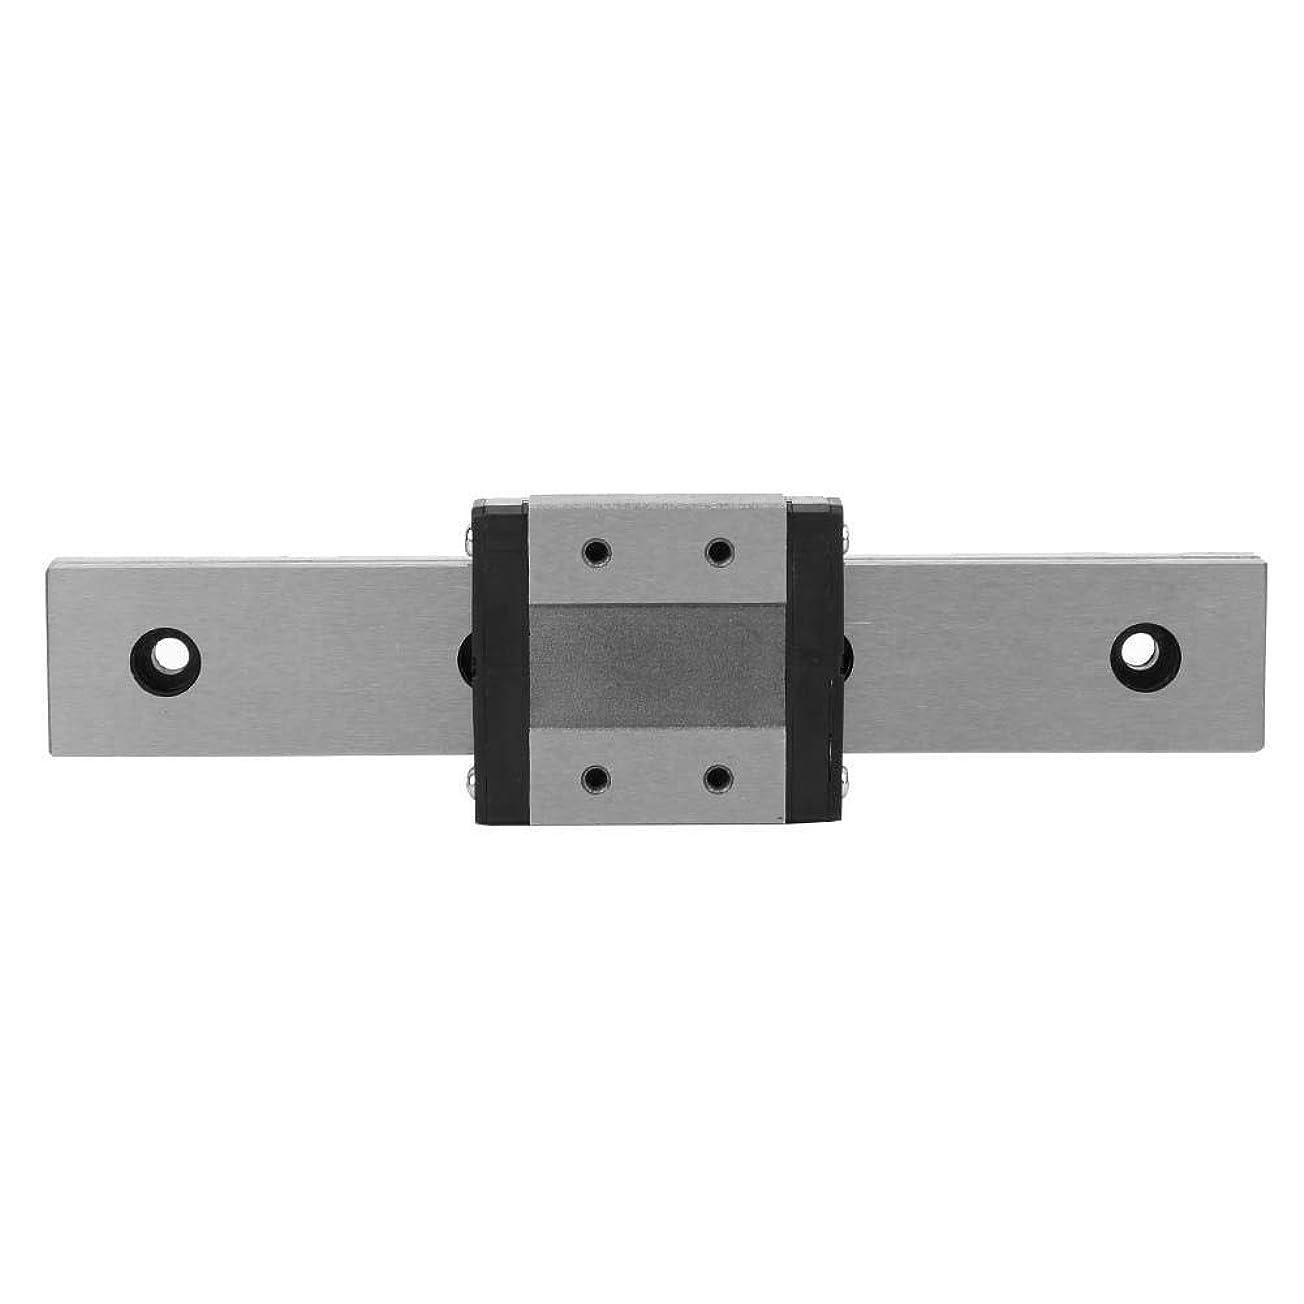 心理学脱獄シネウィZCH-CH 150ミリメートルX 24ミリメートルリニアモーションレールキット、リニアガイドブロックとレールをスライディングLMLF24B-150-1R軸受鋼のミニチュアリニア